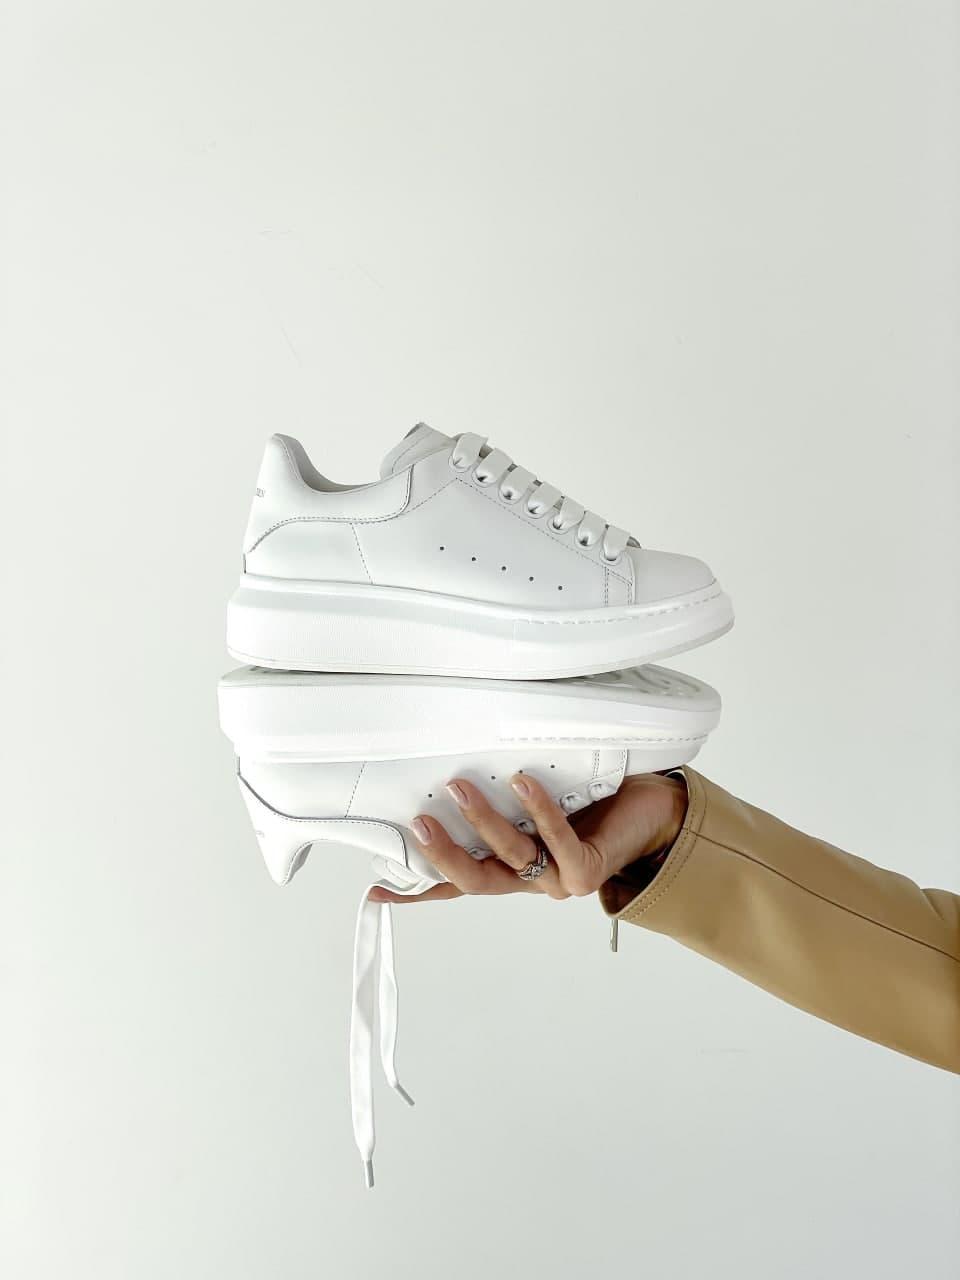 Жіночі кросівки Alexander McQueen (Білий) J3155 красива стильна біла взуття